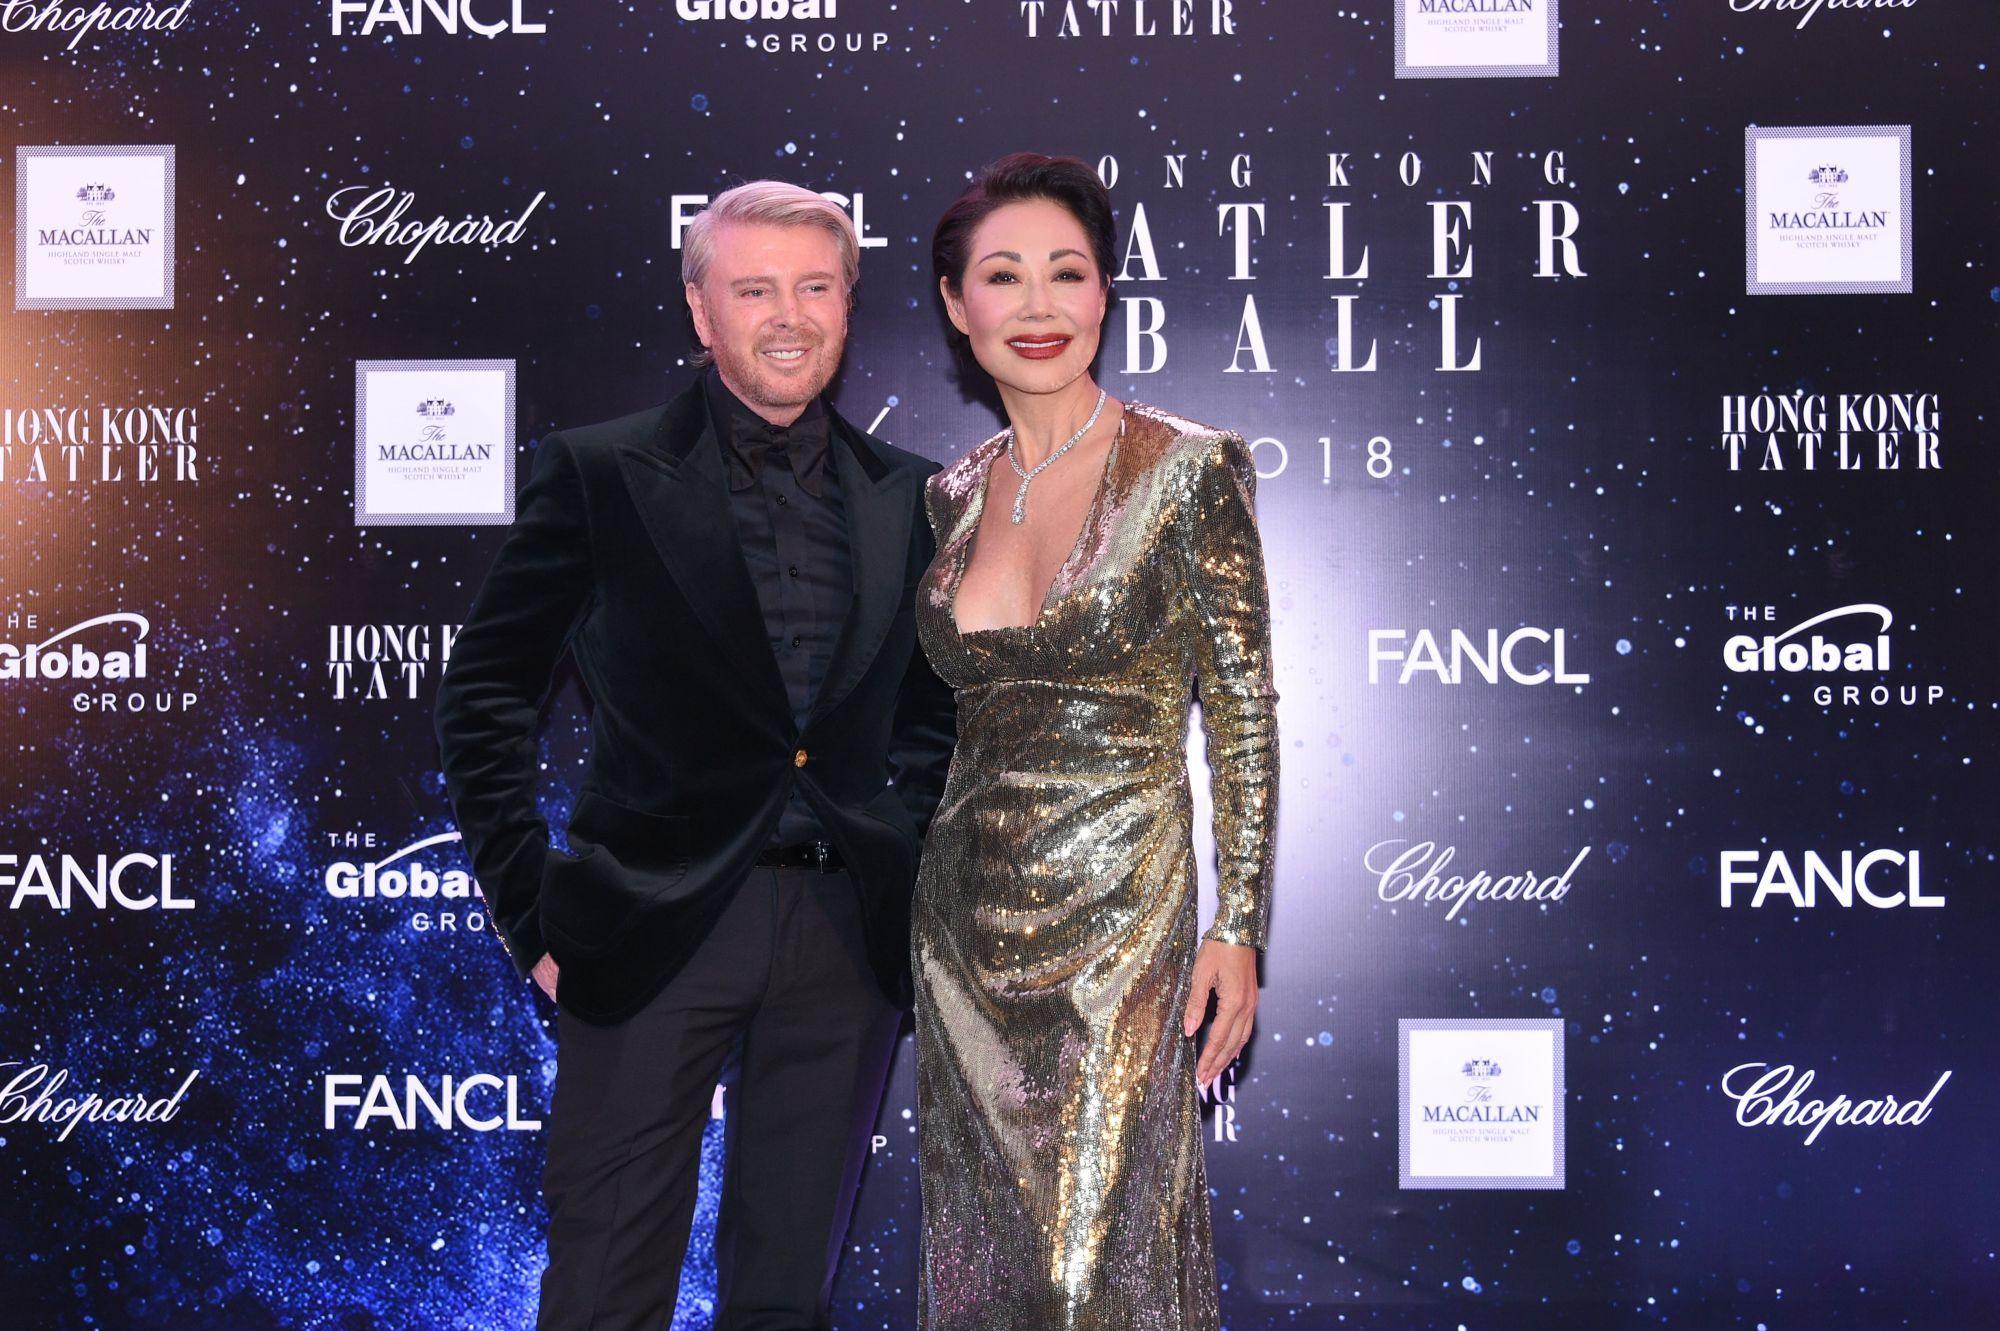 Video: Hong Kong Tatler Ball 2018 Red Carpet Arrivals